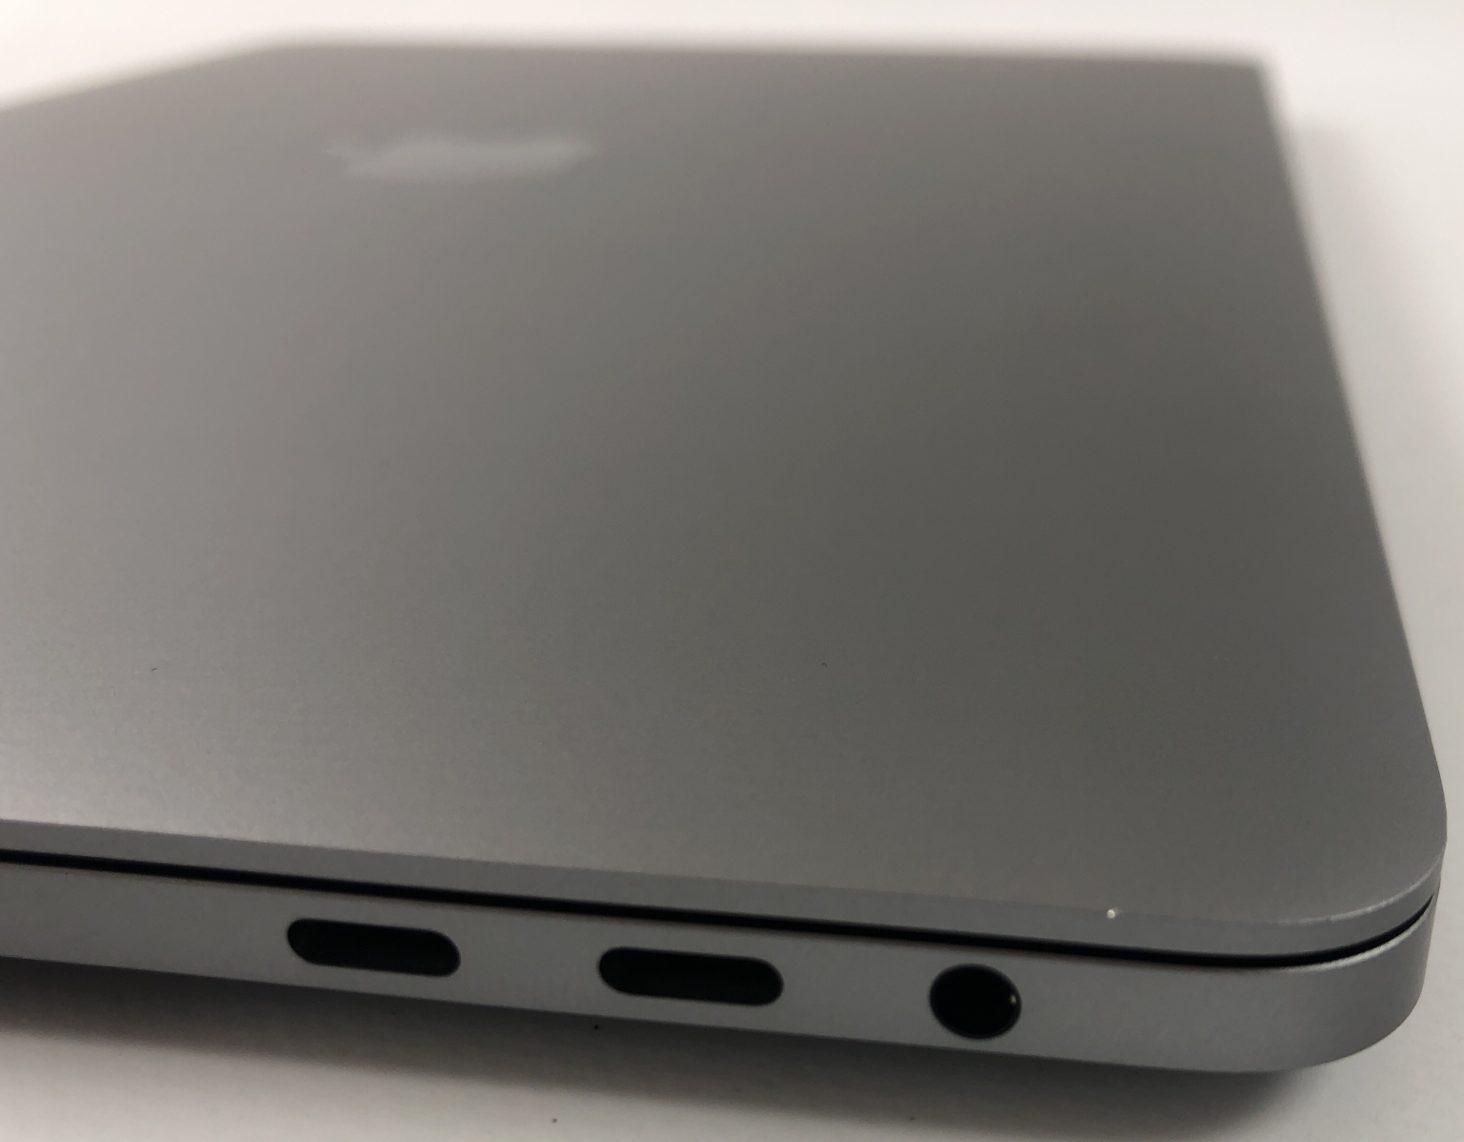 """MacBook Pro 13"""" 4TBT Mid 2018 (Intel Quad-Core i5 2.3 GHz 16 GB RAM 256 GB SSD), Space Gray, Intel Quad-Core i5 2.3 GHz, 16 GB RAM, 256 GB SSD, image 3"""